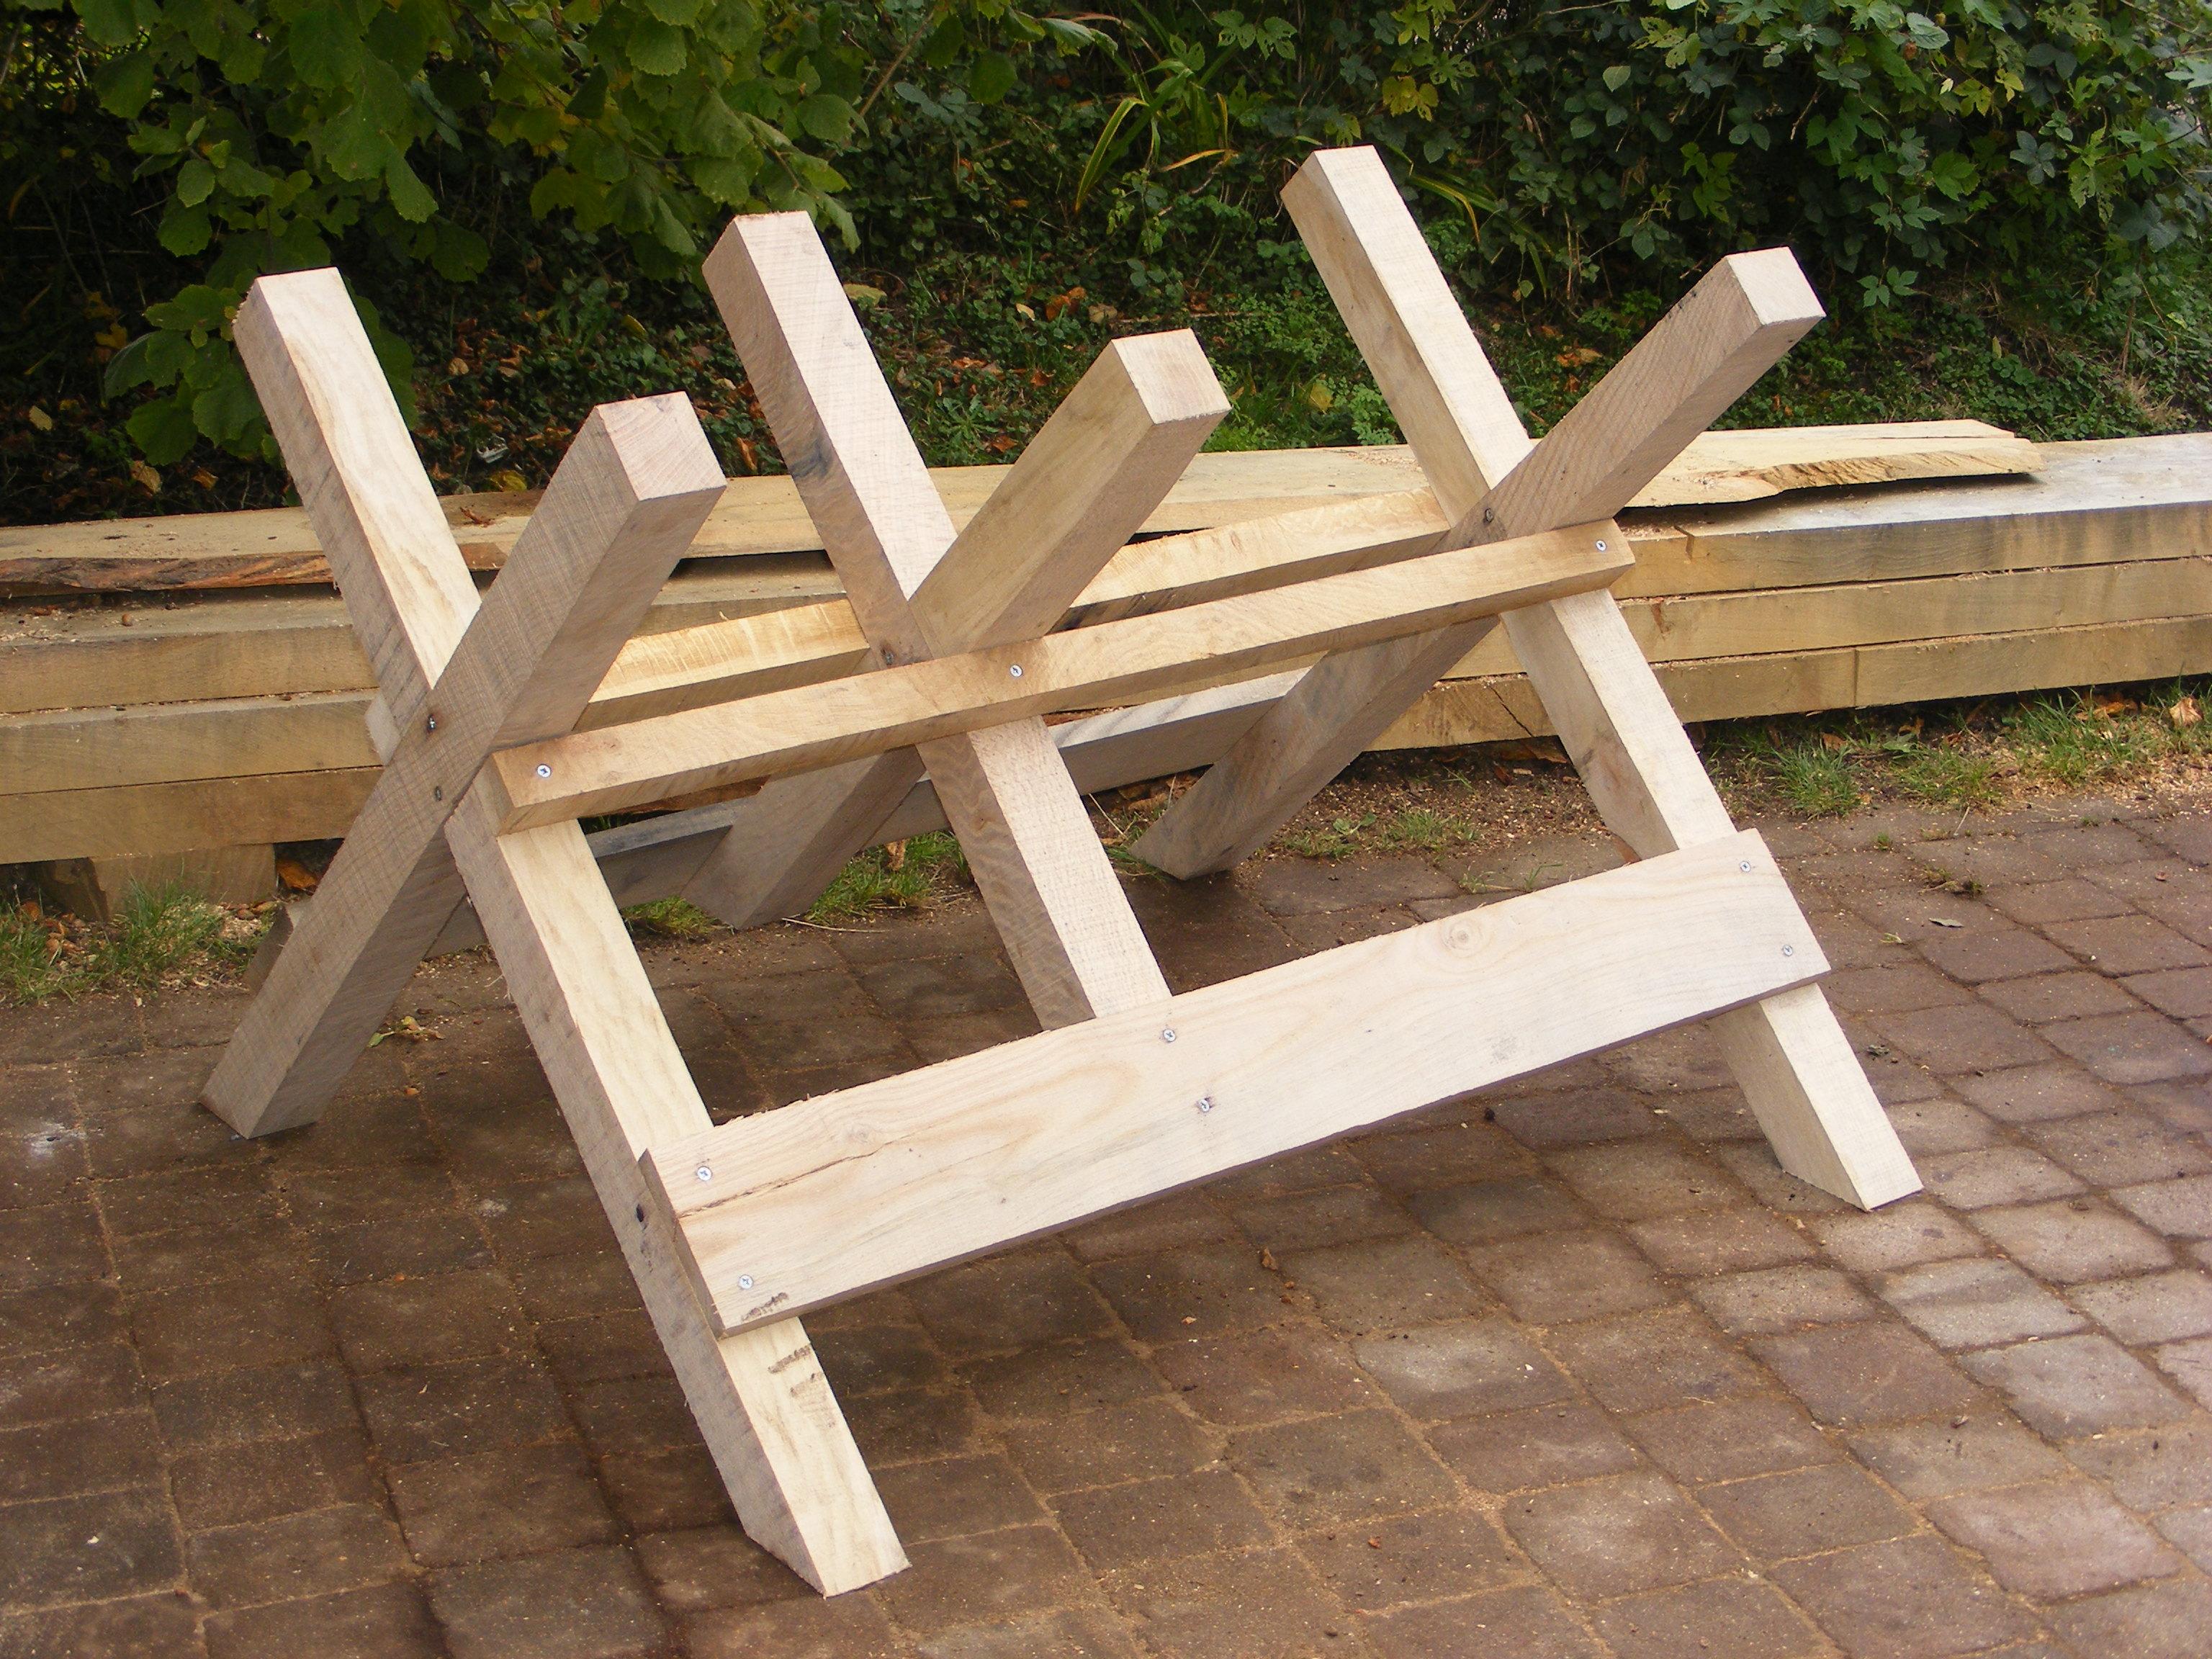 Woodworking log sawhorse plans PDF Free Download